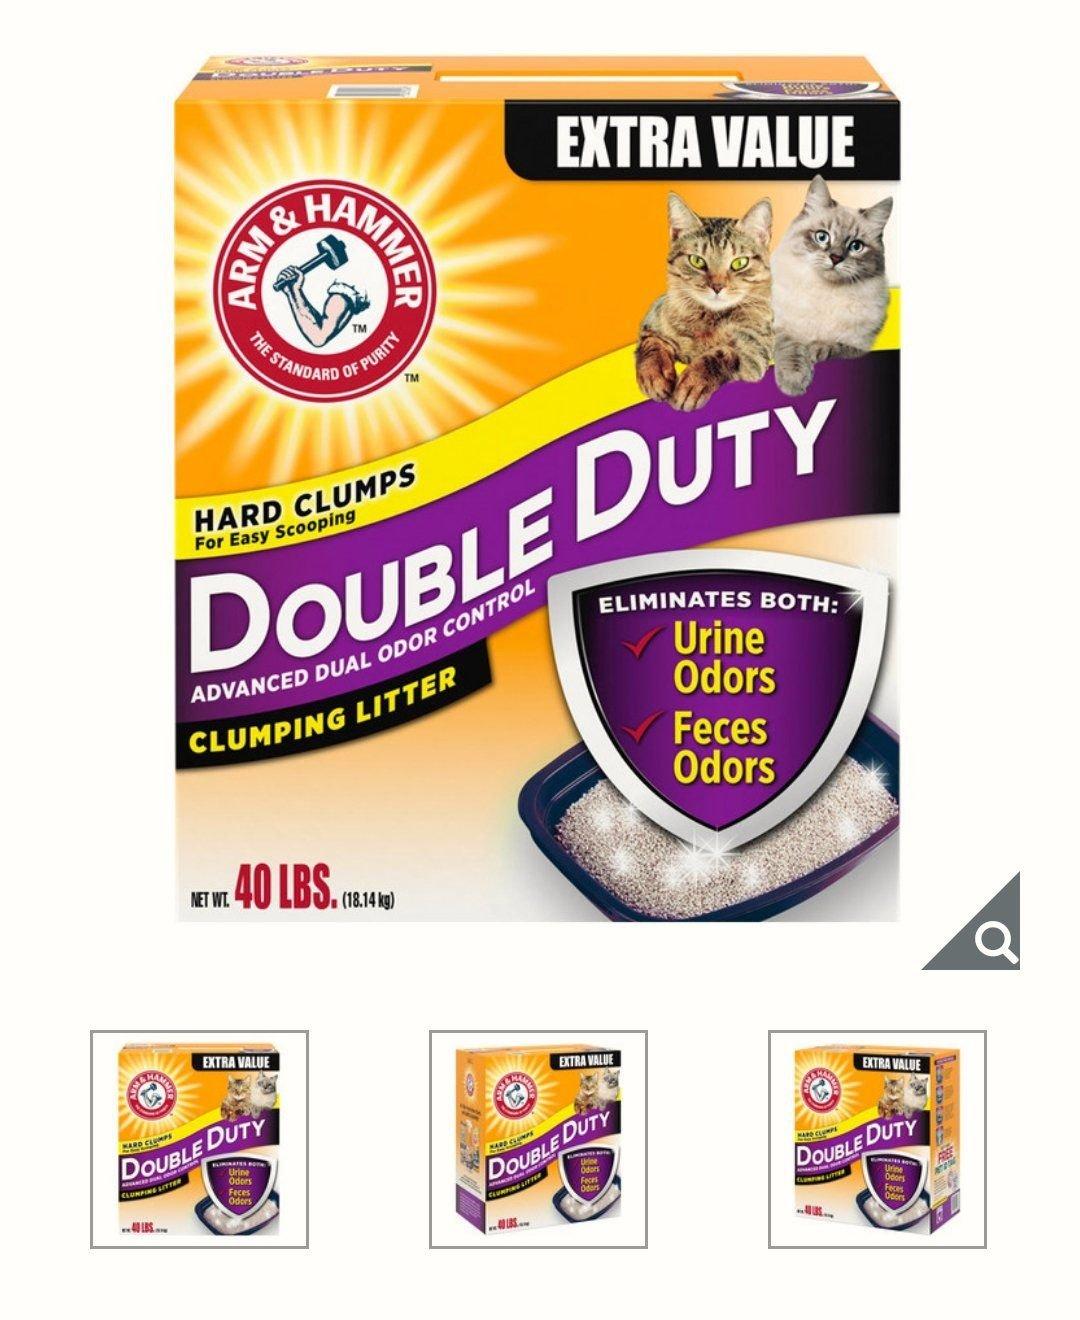 (含運只要479元)ARM & HAMMER 鐵鎚牌 加強除臭貓砂 18.14公斤/添加小蘇打粉消除臭味,無粉塵/好市多代購,下單前請一定要先問有沒有貨